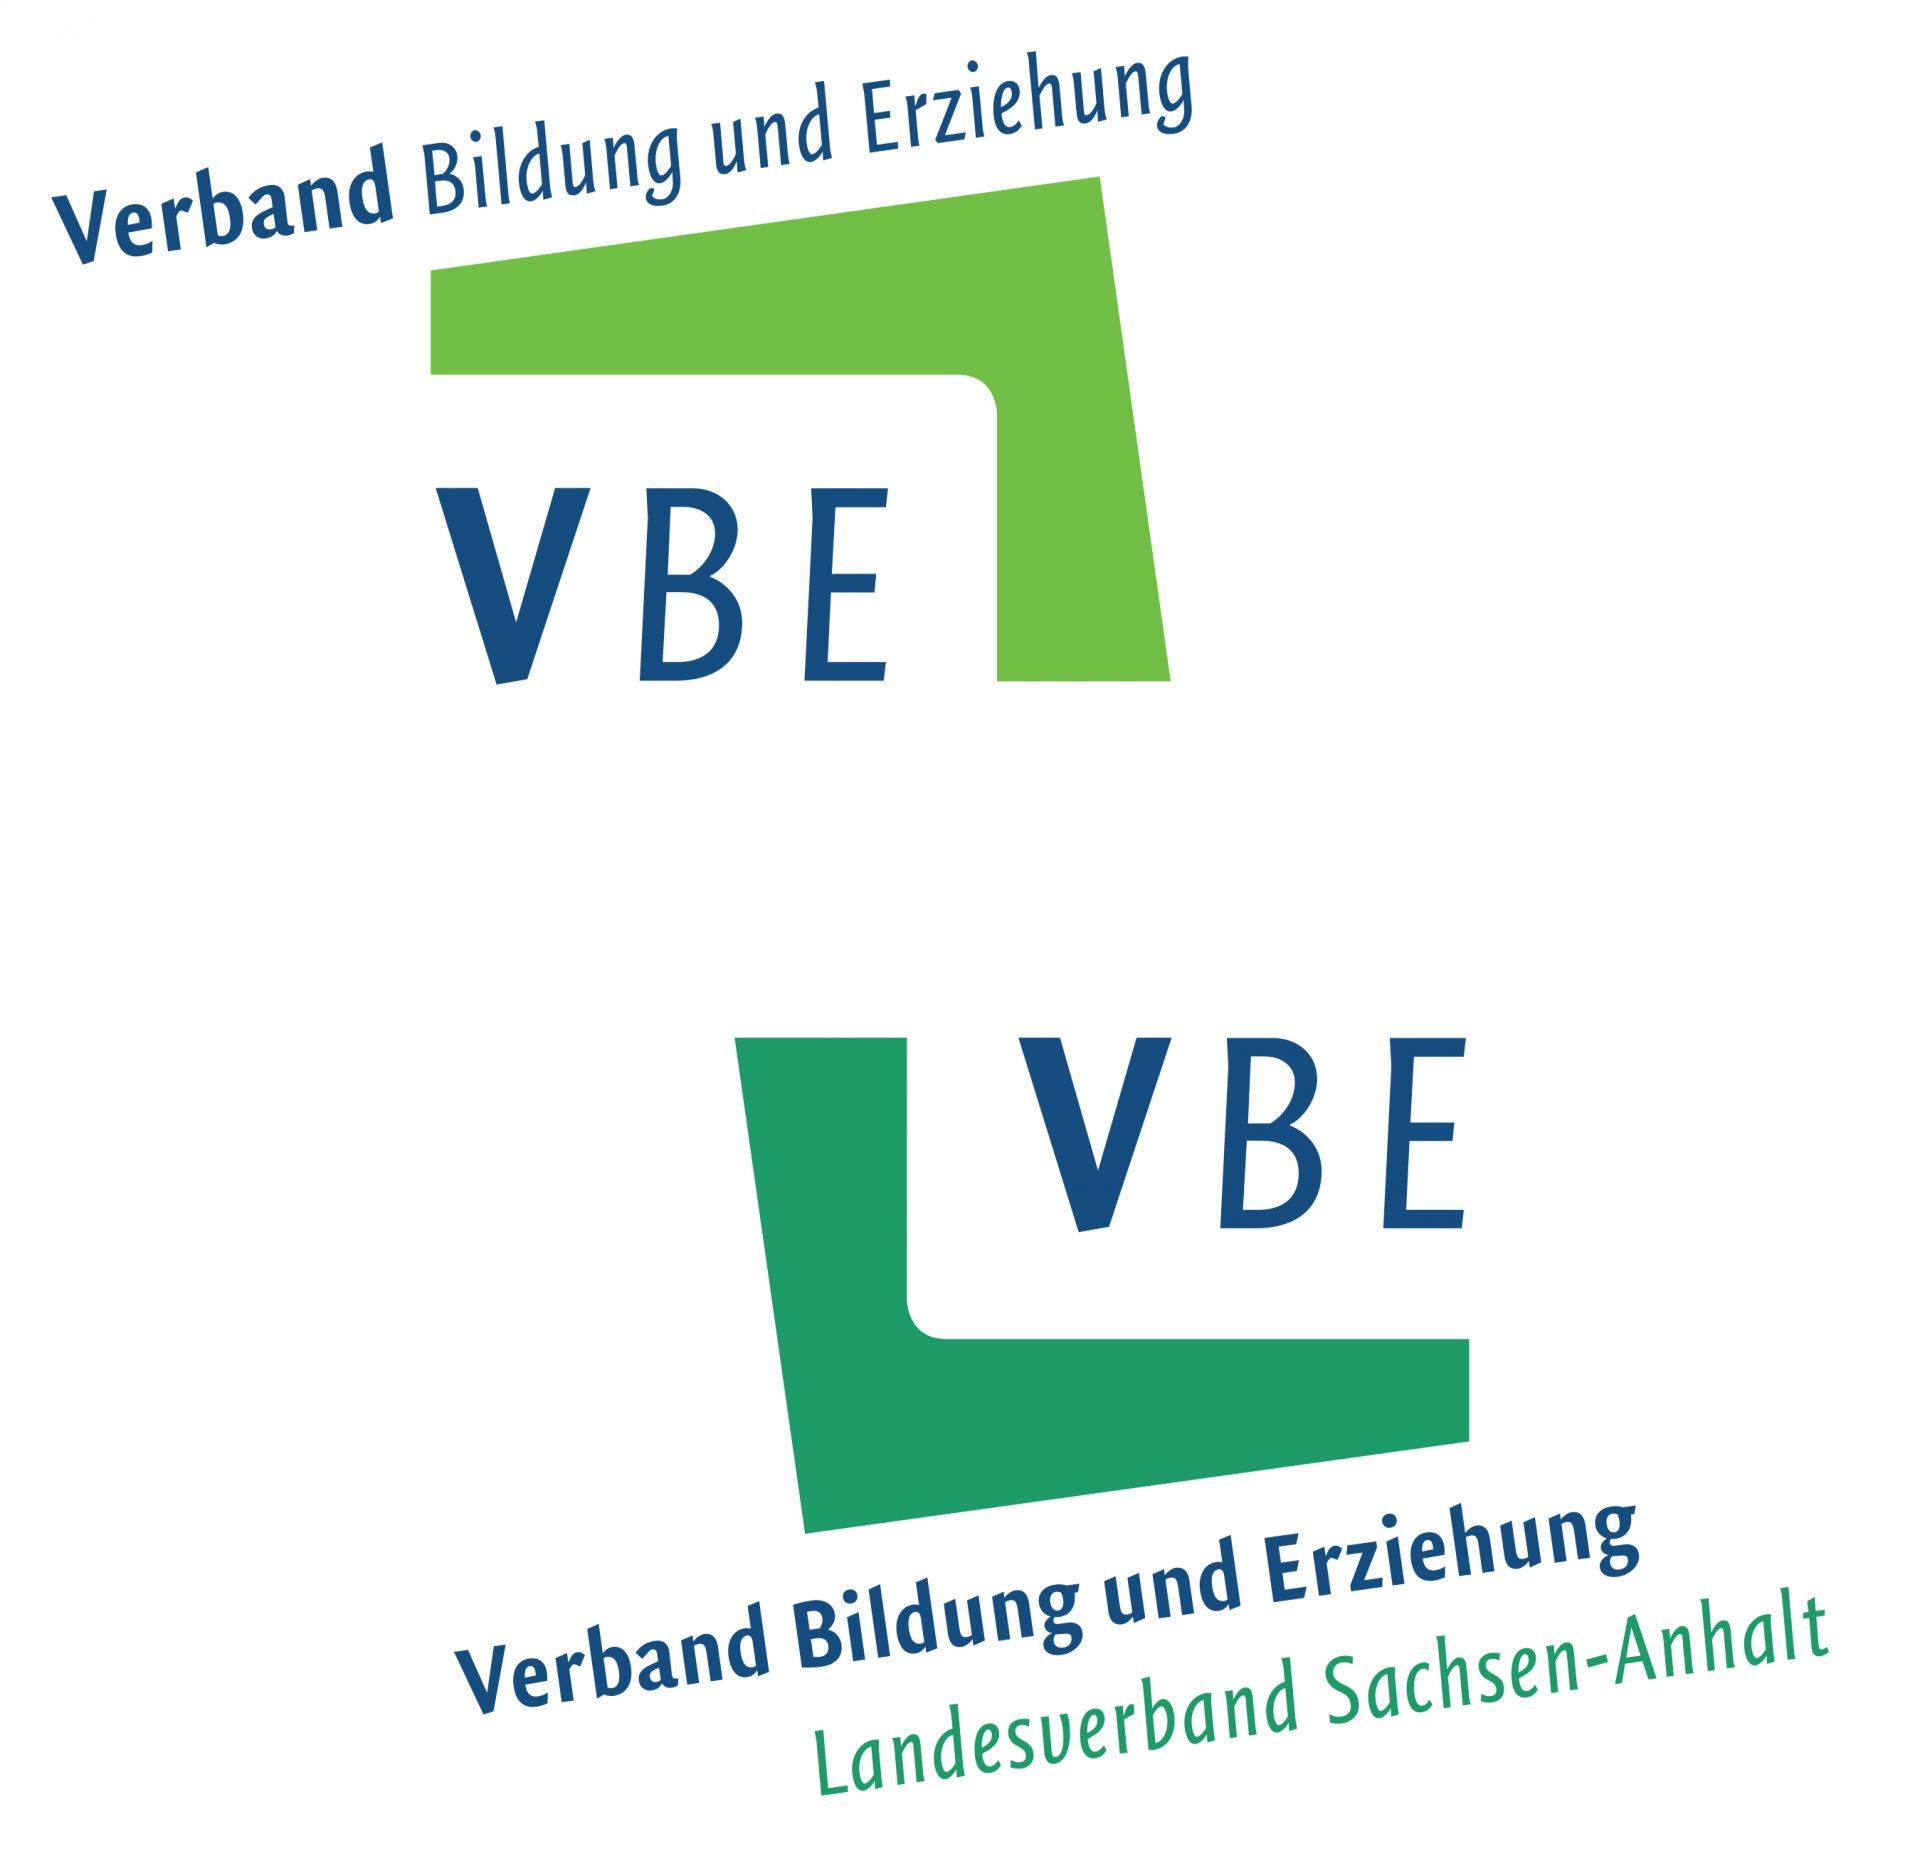 Logo-Varianten für Dachverband und Landesverband - Typoly